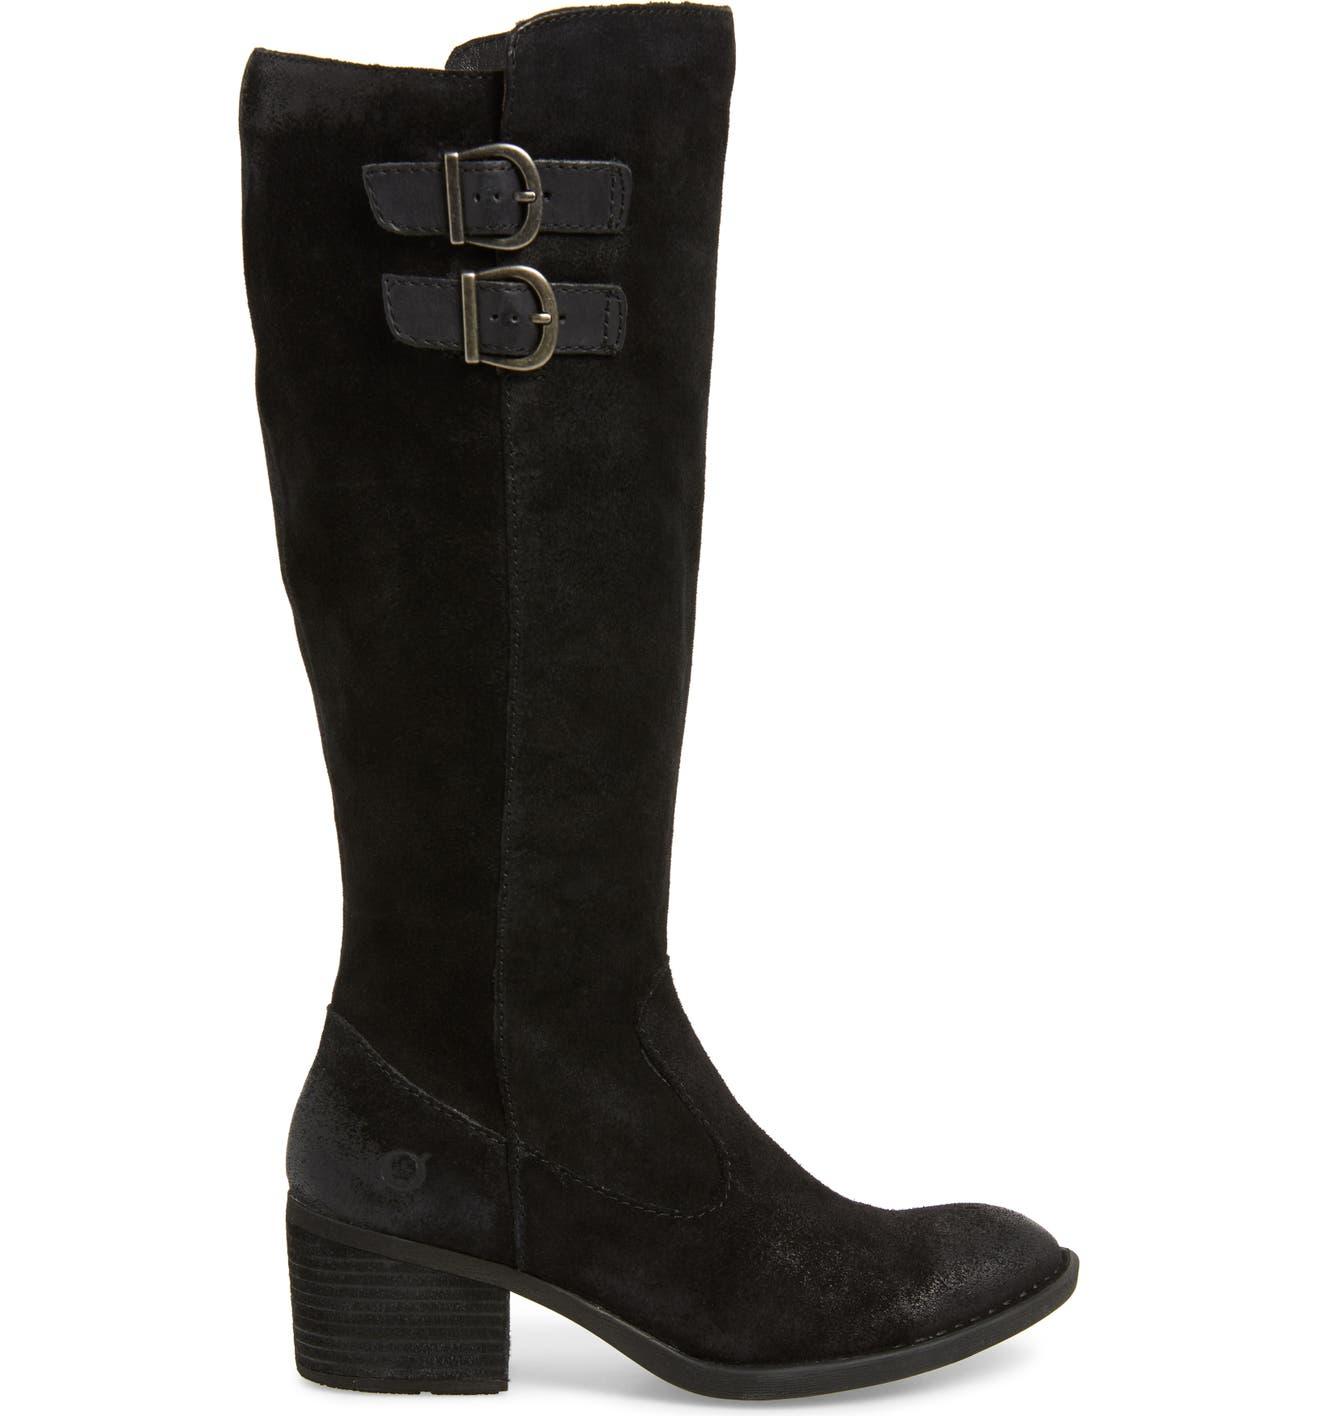 9f0acaa9c02 Børn Basil Knee High Boot (Women) (Wide Calf)